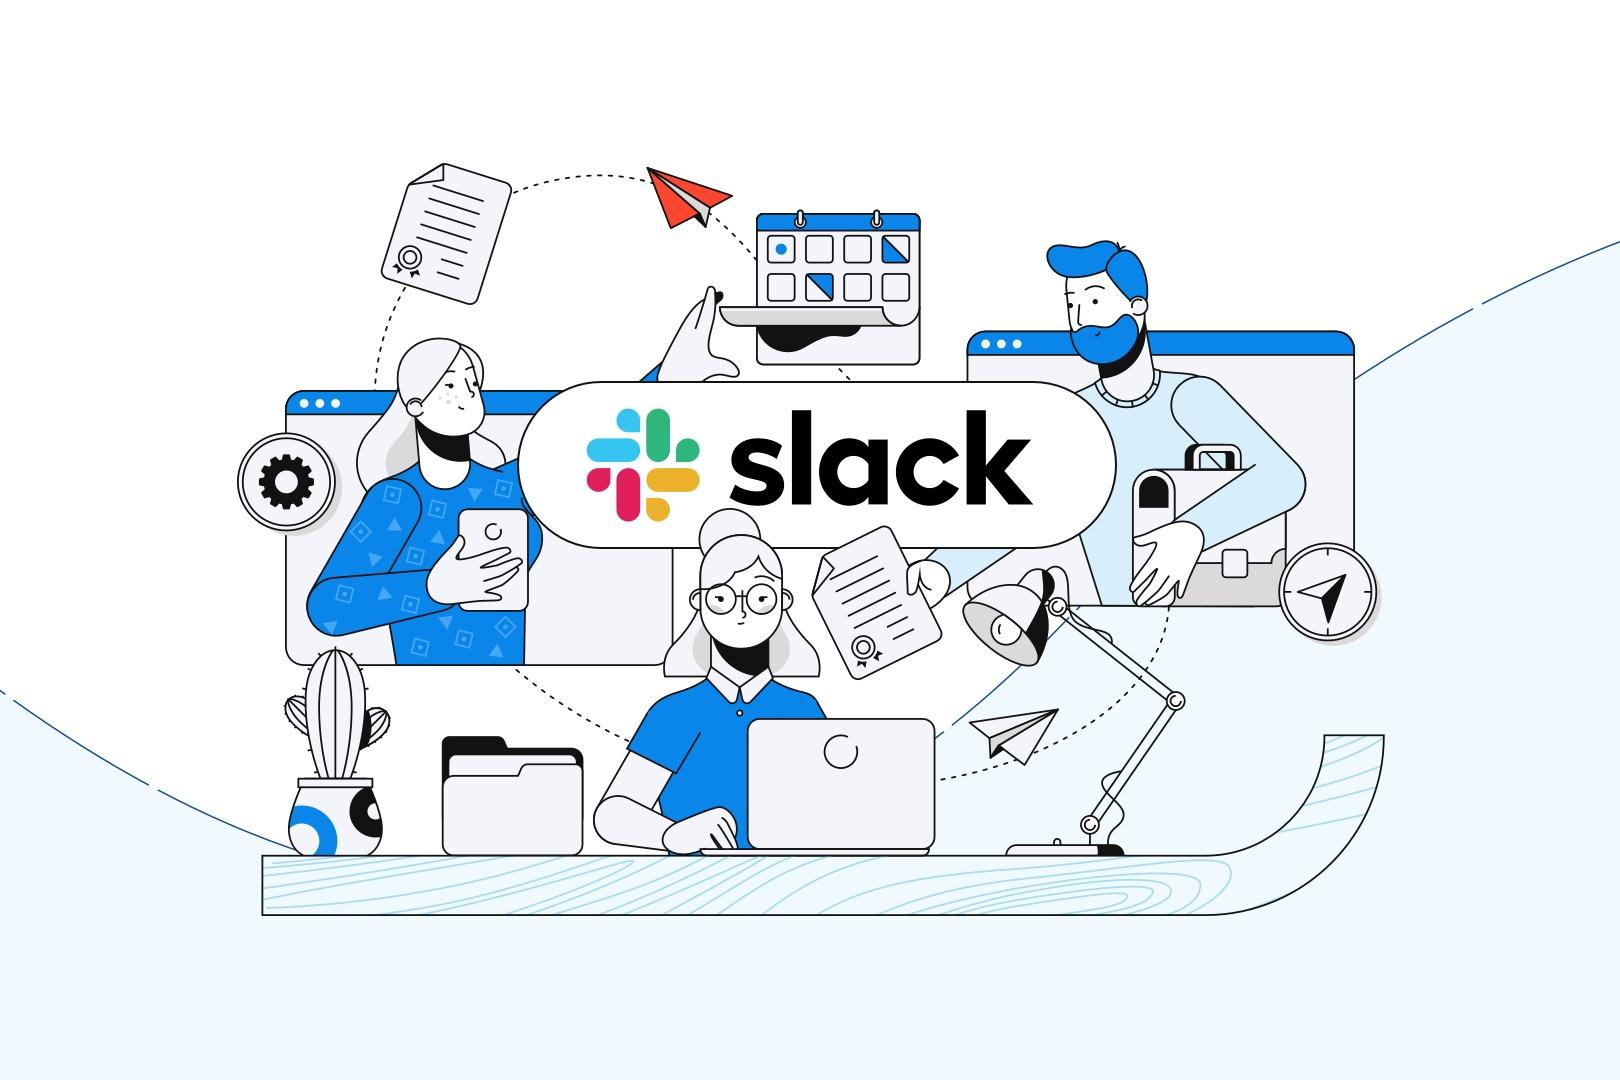 Slack integration. How to build a Slack app?